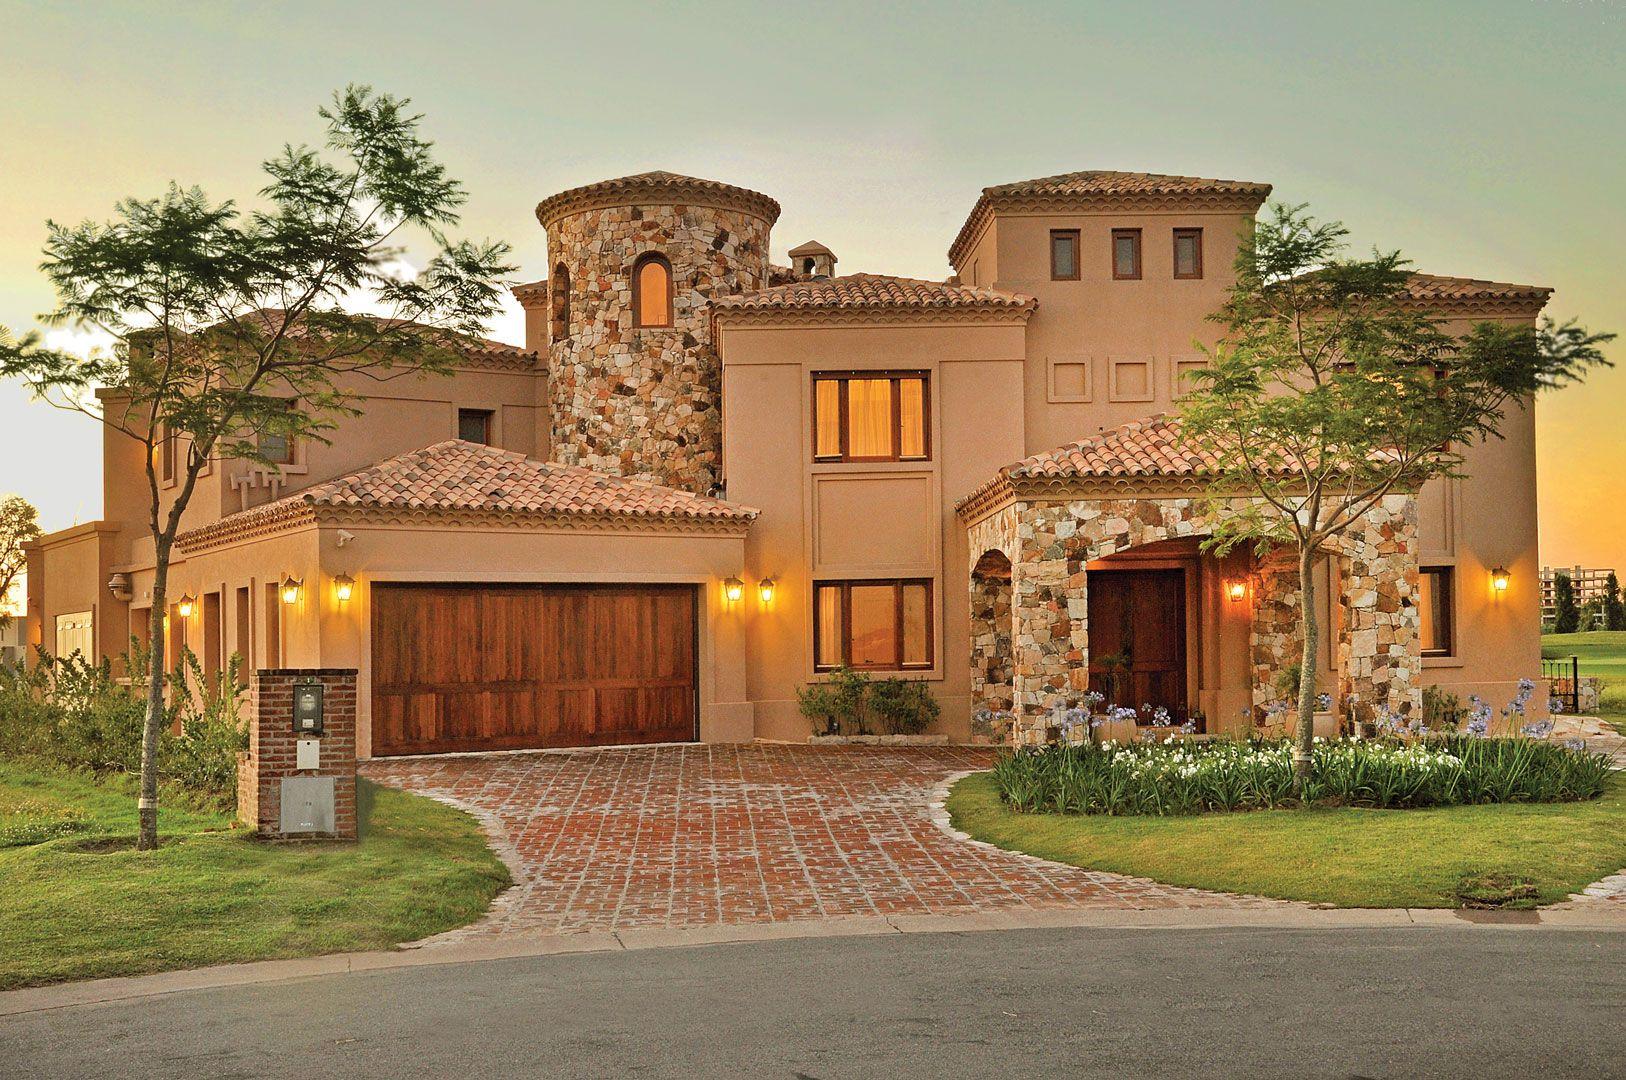 Apa arquitectura arquitectura casas arquitectos y clasicos for Las casas modernas